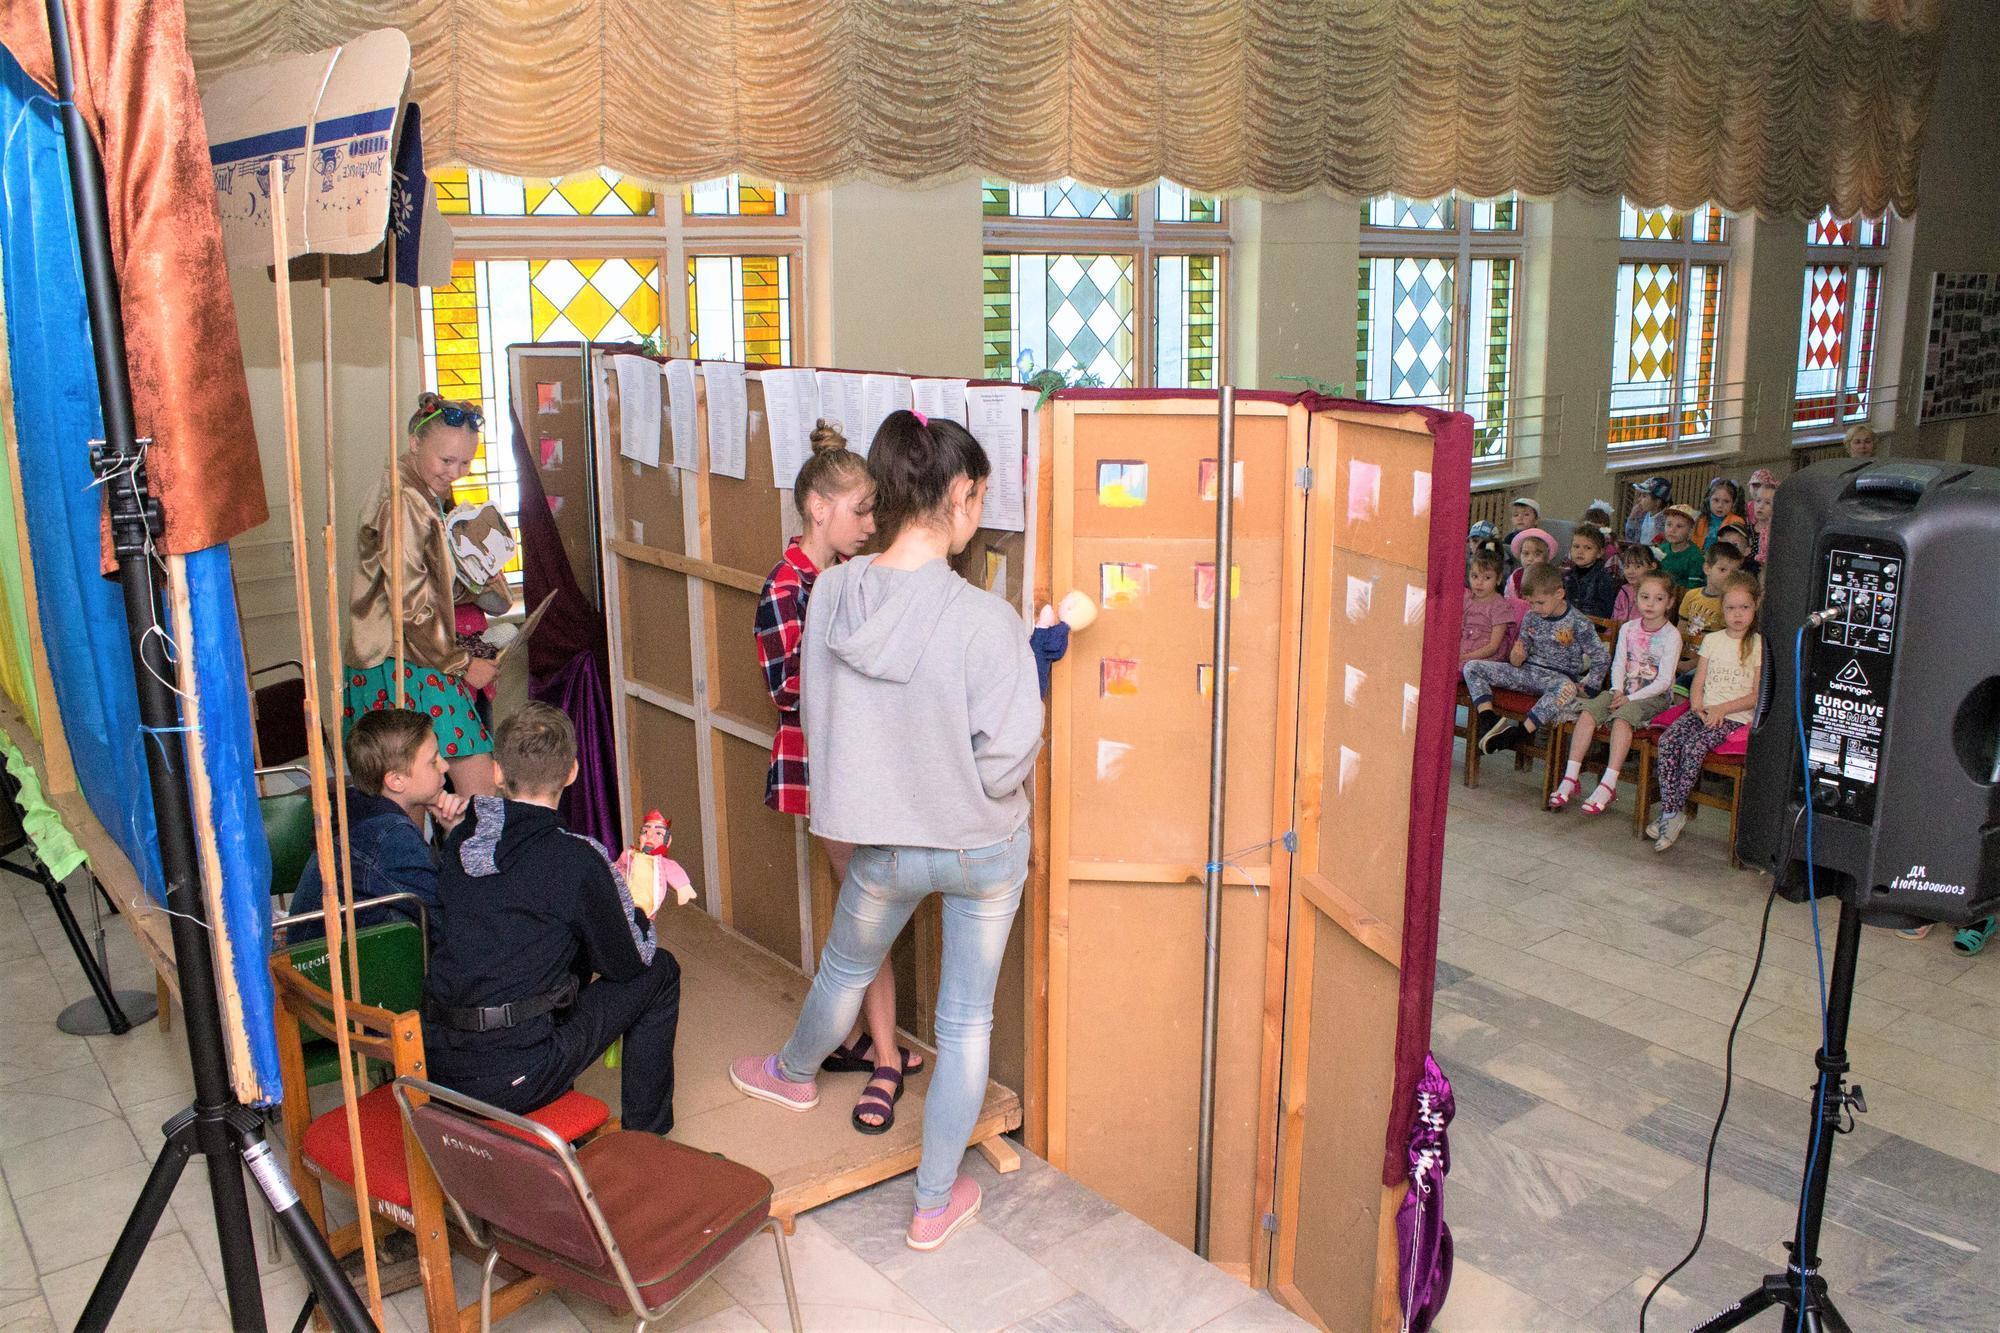 ляльковий театр у Світлодарському палаці культури